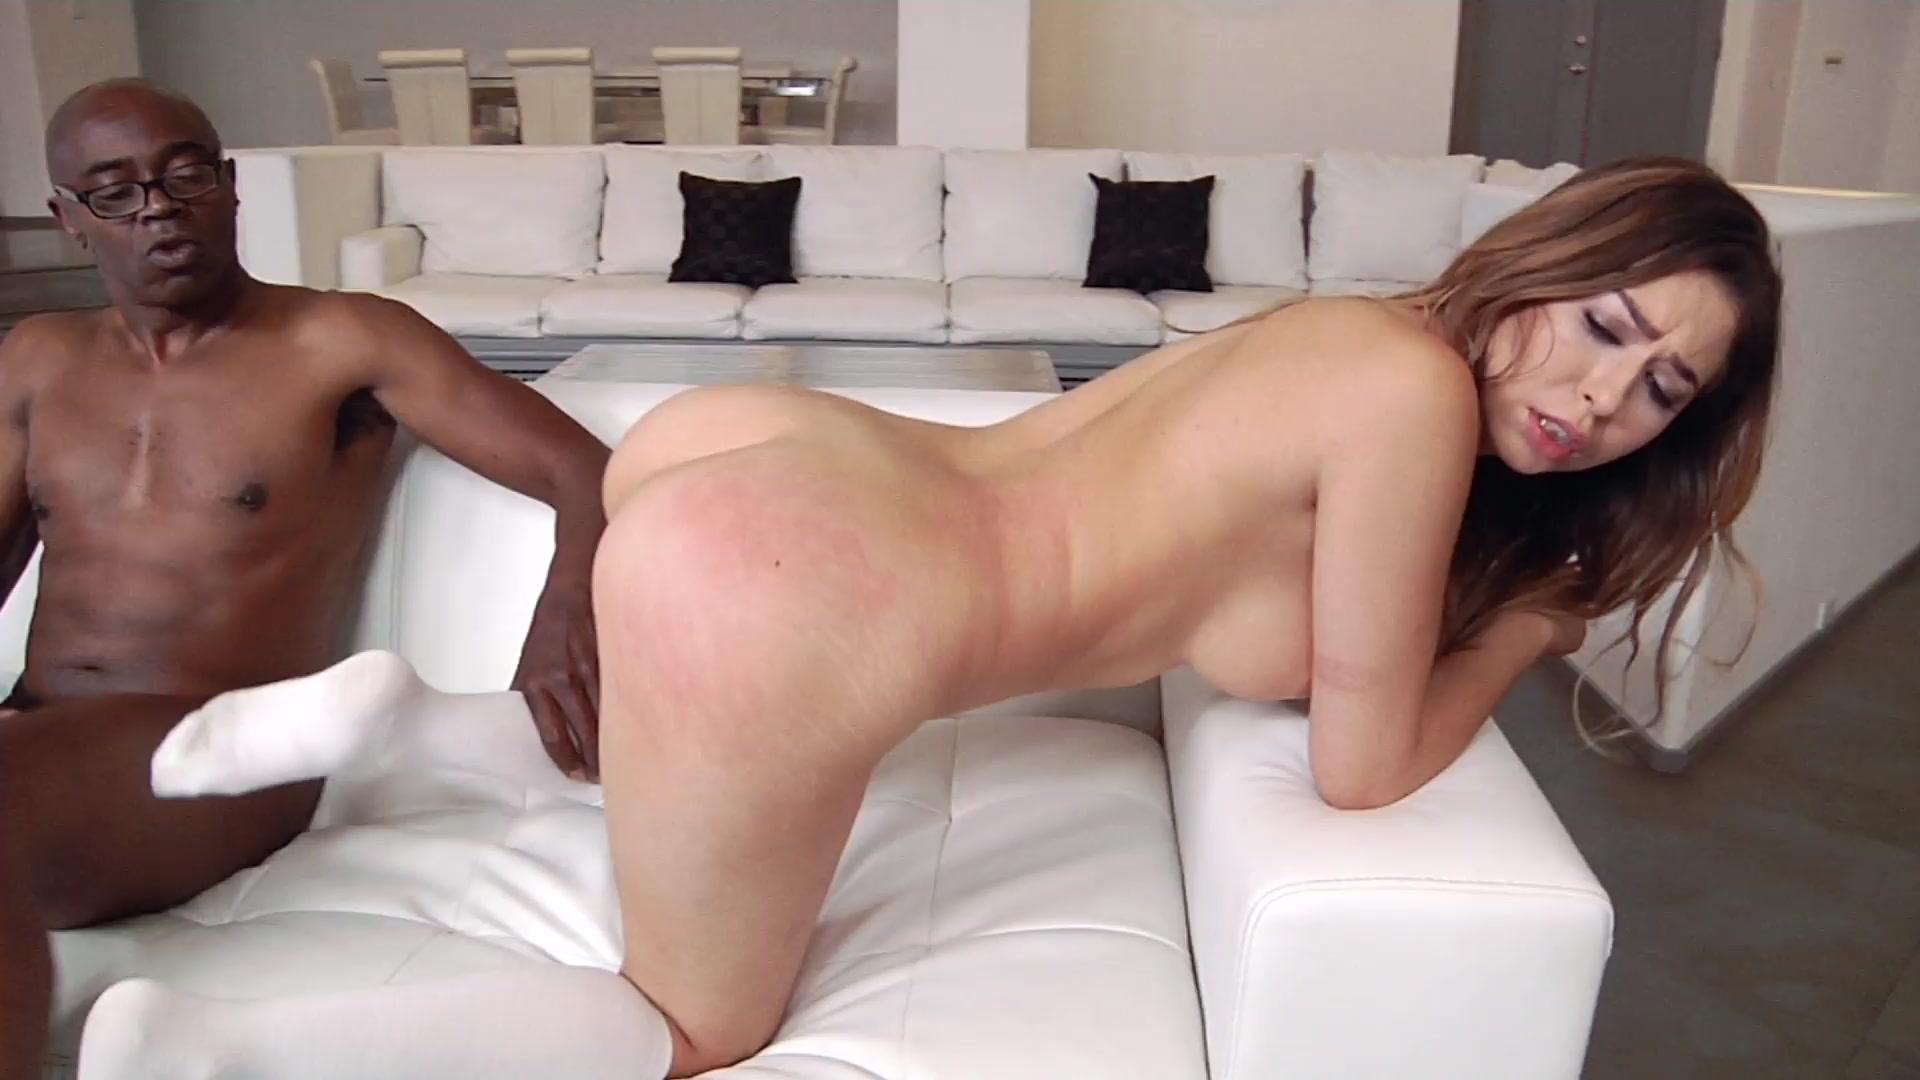 Curvy interracial